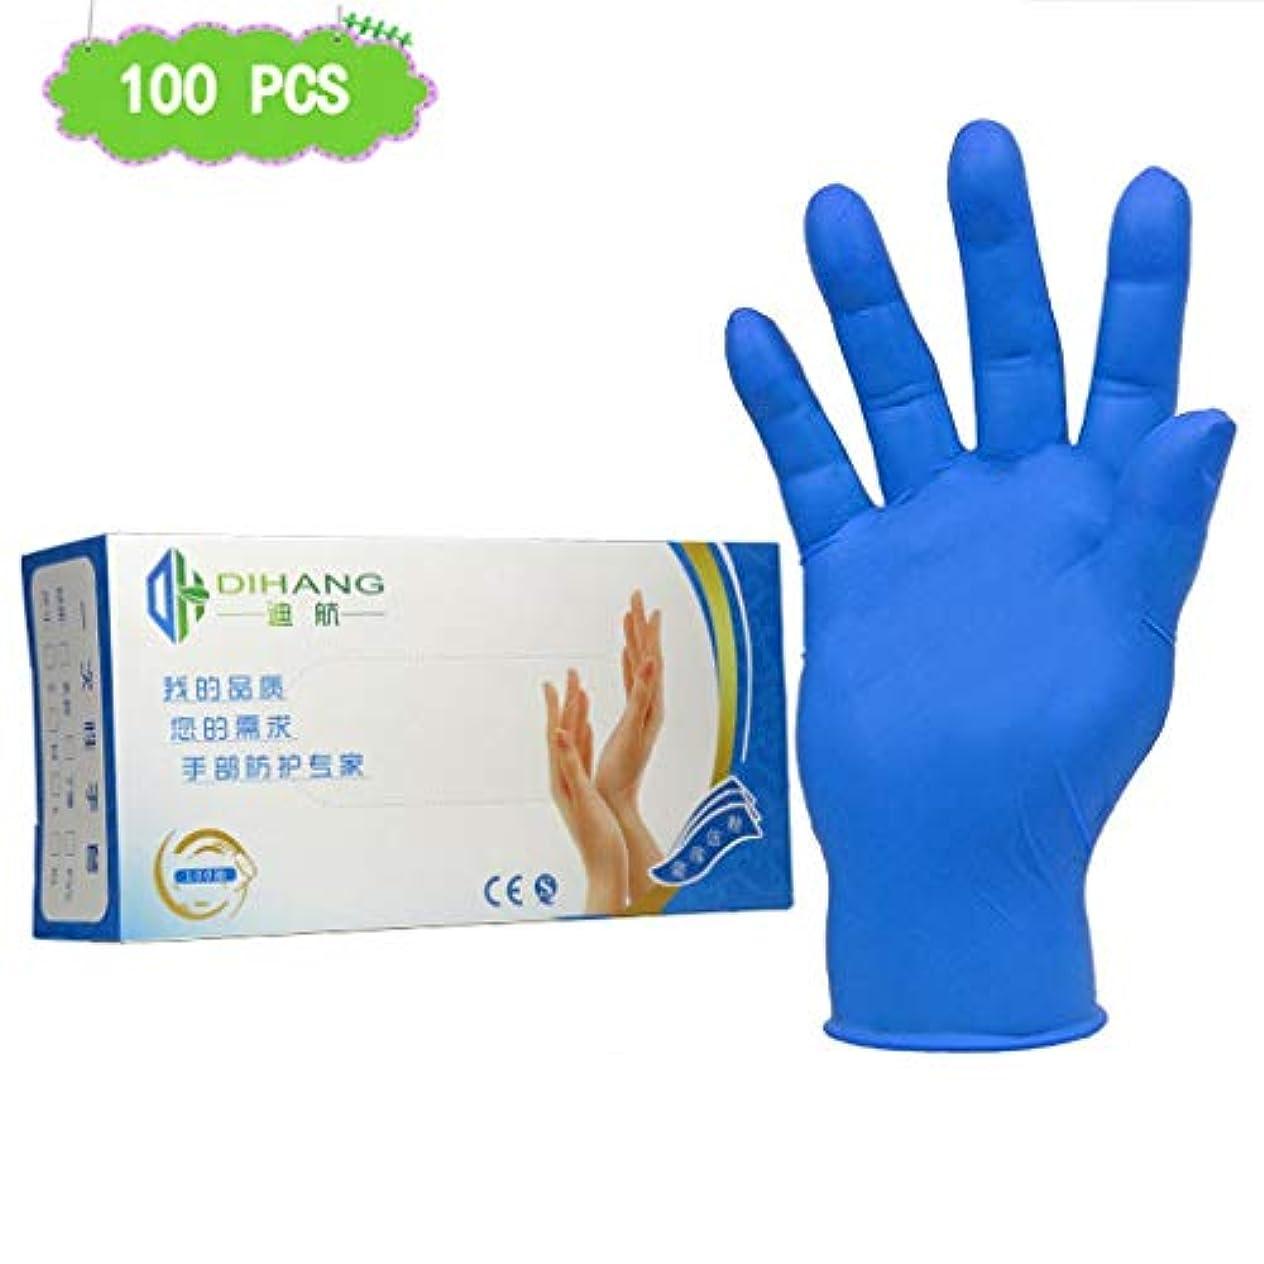 枯れる正当な拮抗するニトリル手袋、9インチ箱入りパウダーフリー工業用検査手袋ダークブルー一般麻肥厚ペットケアネイルアート検査保護実験、ビューティーサロンラテックスフリー、、 100個 (Size : L)